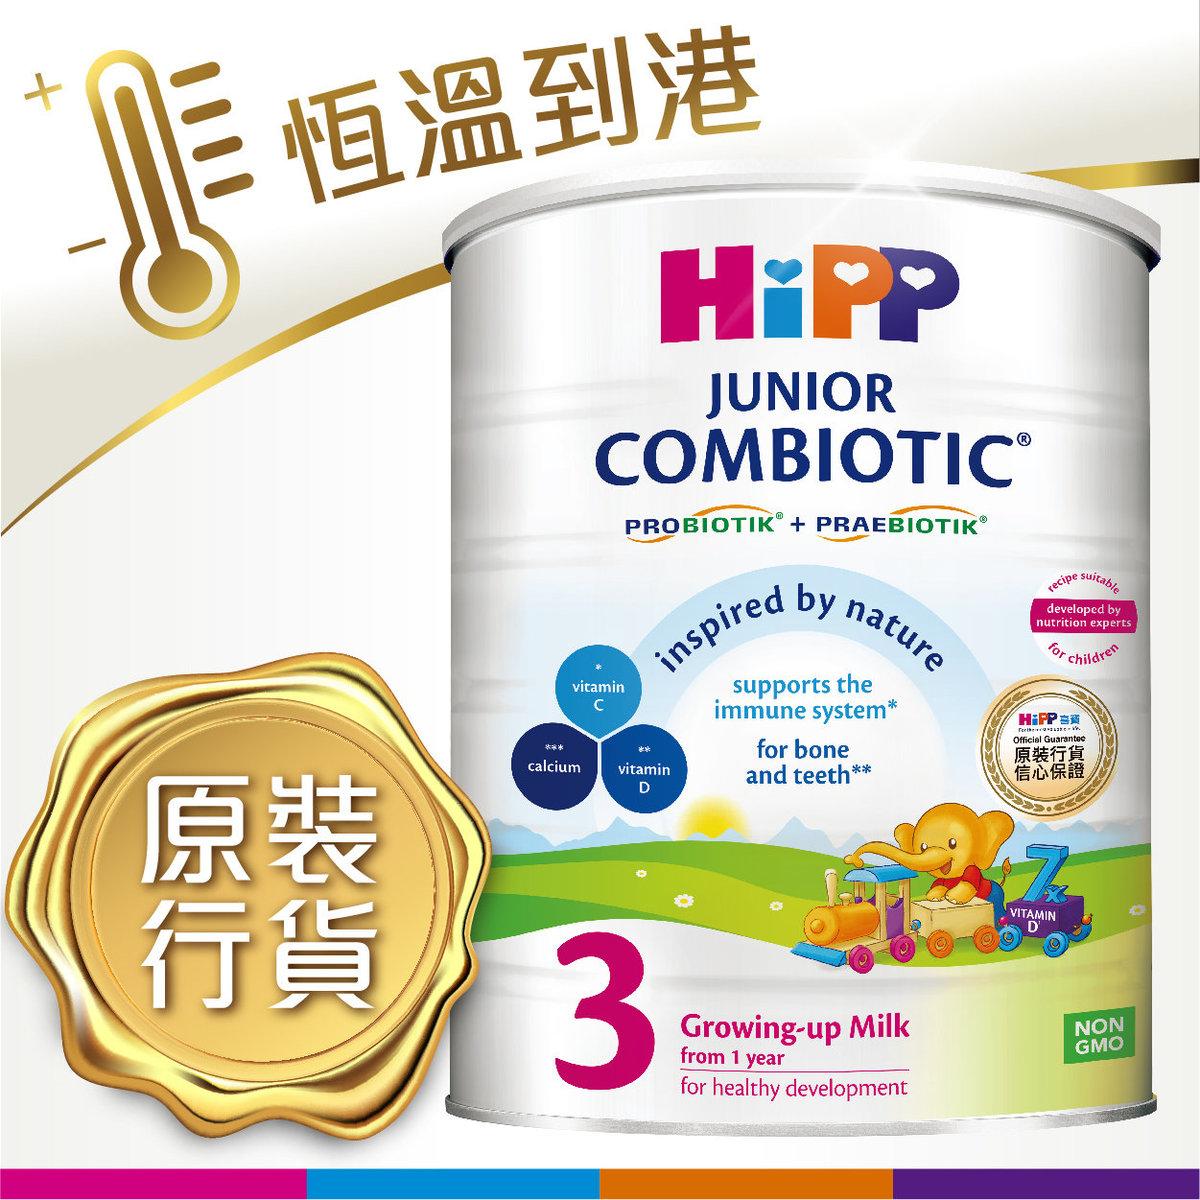 HiPP喜寶奶粉 - 3號雙益幼兒成長奶粉 (800克) (賞味期限: 3/10/2020)